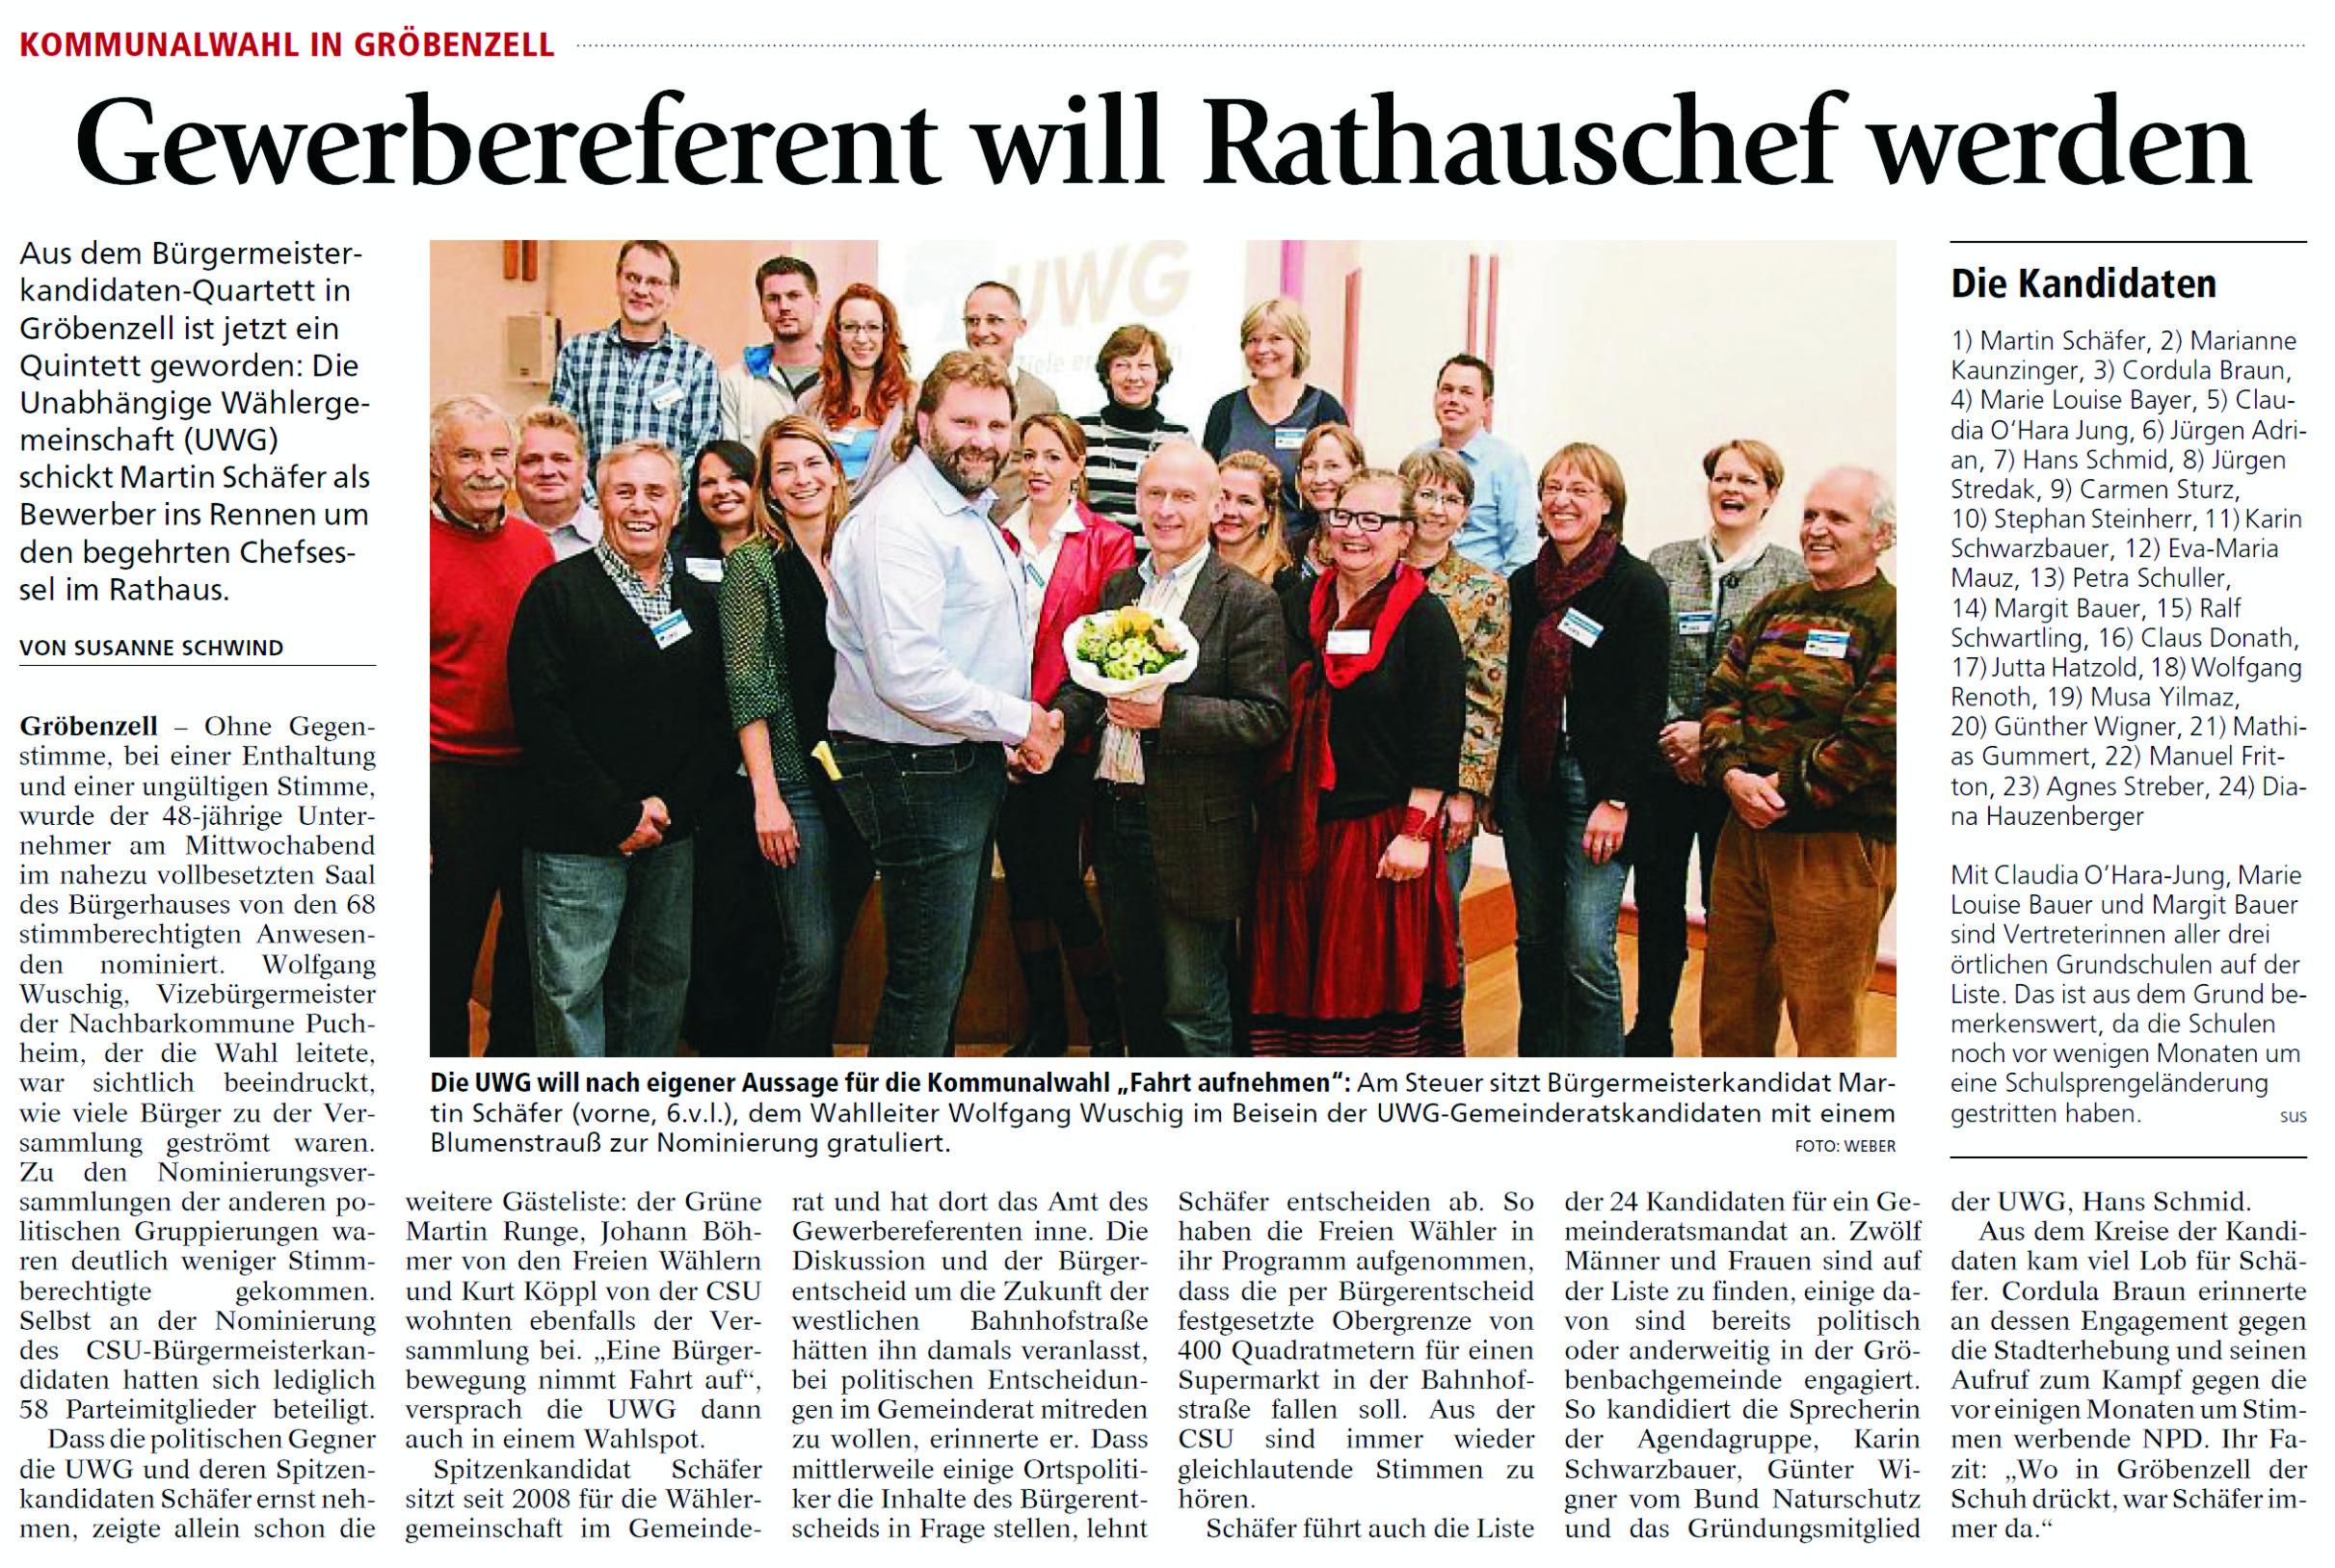 Gewerbereferent will Rathauschef werden